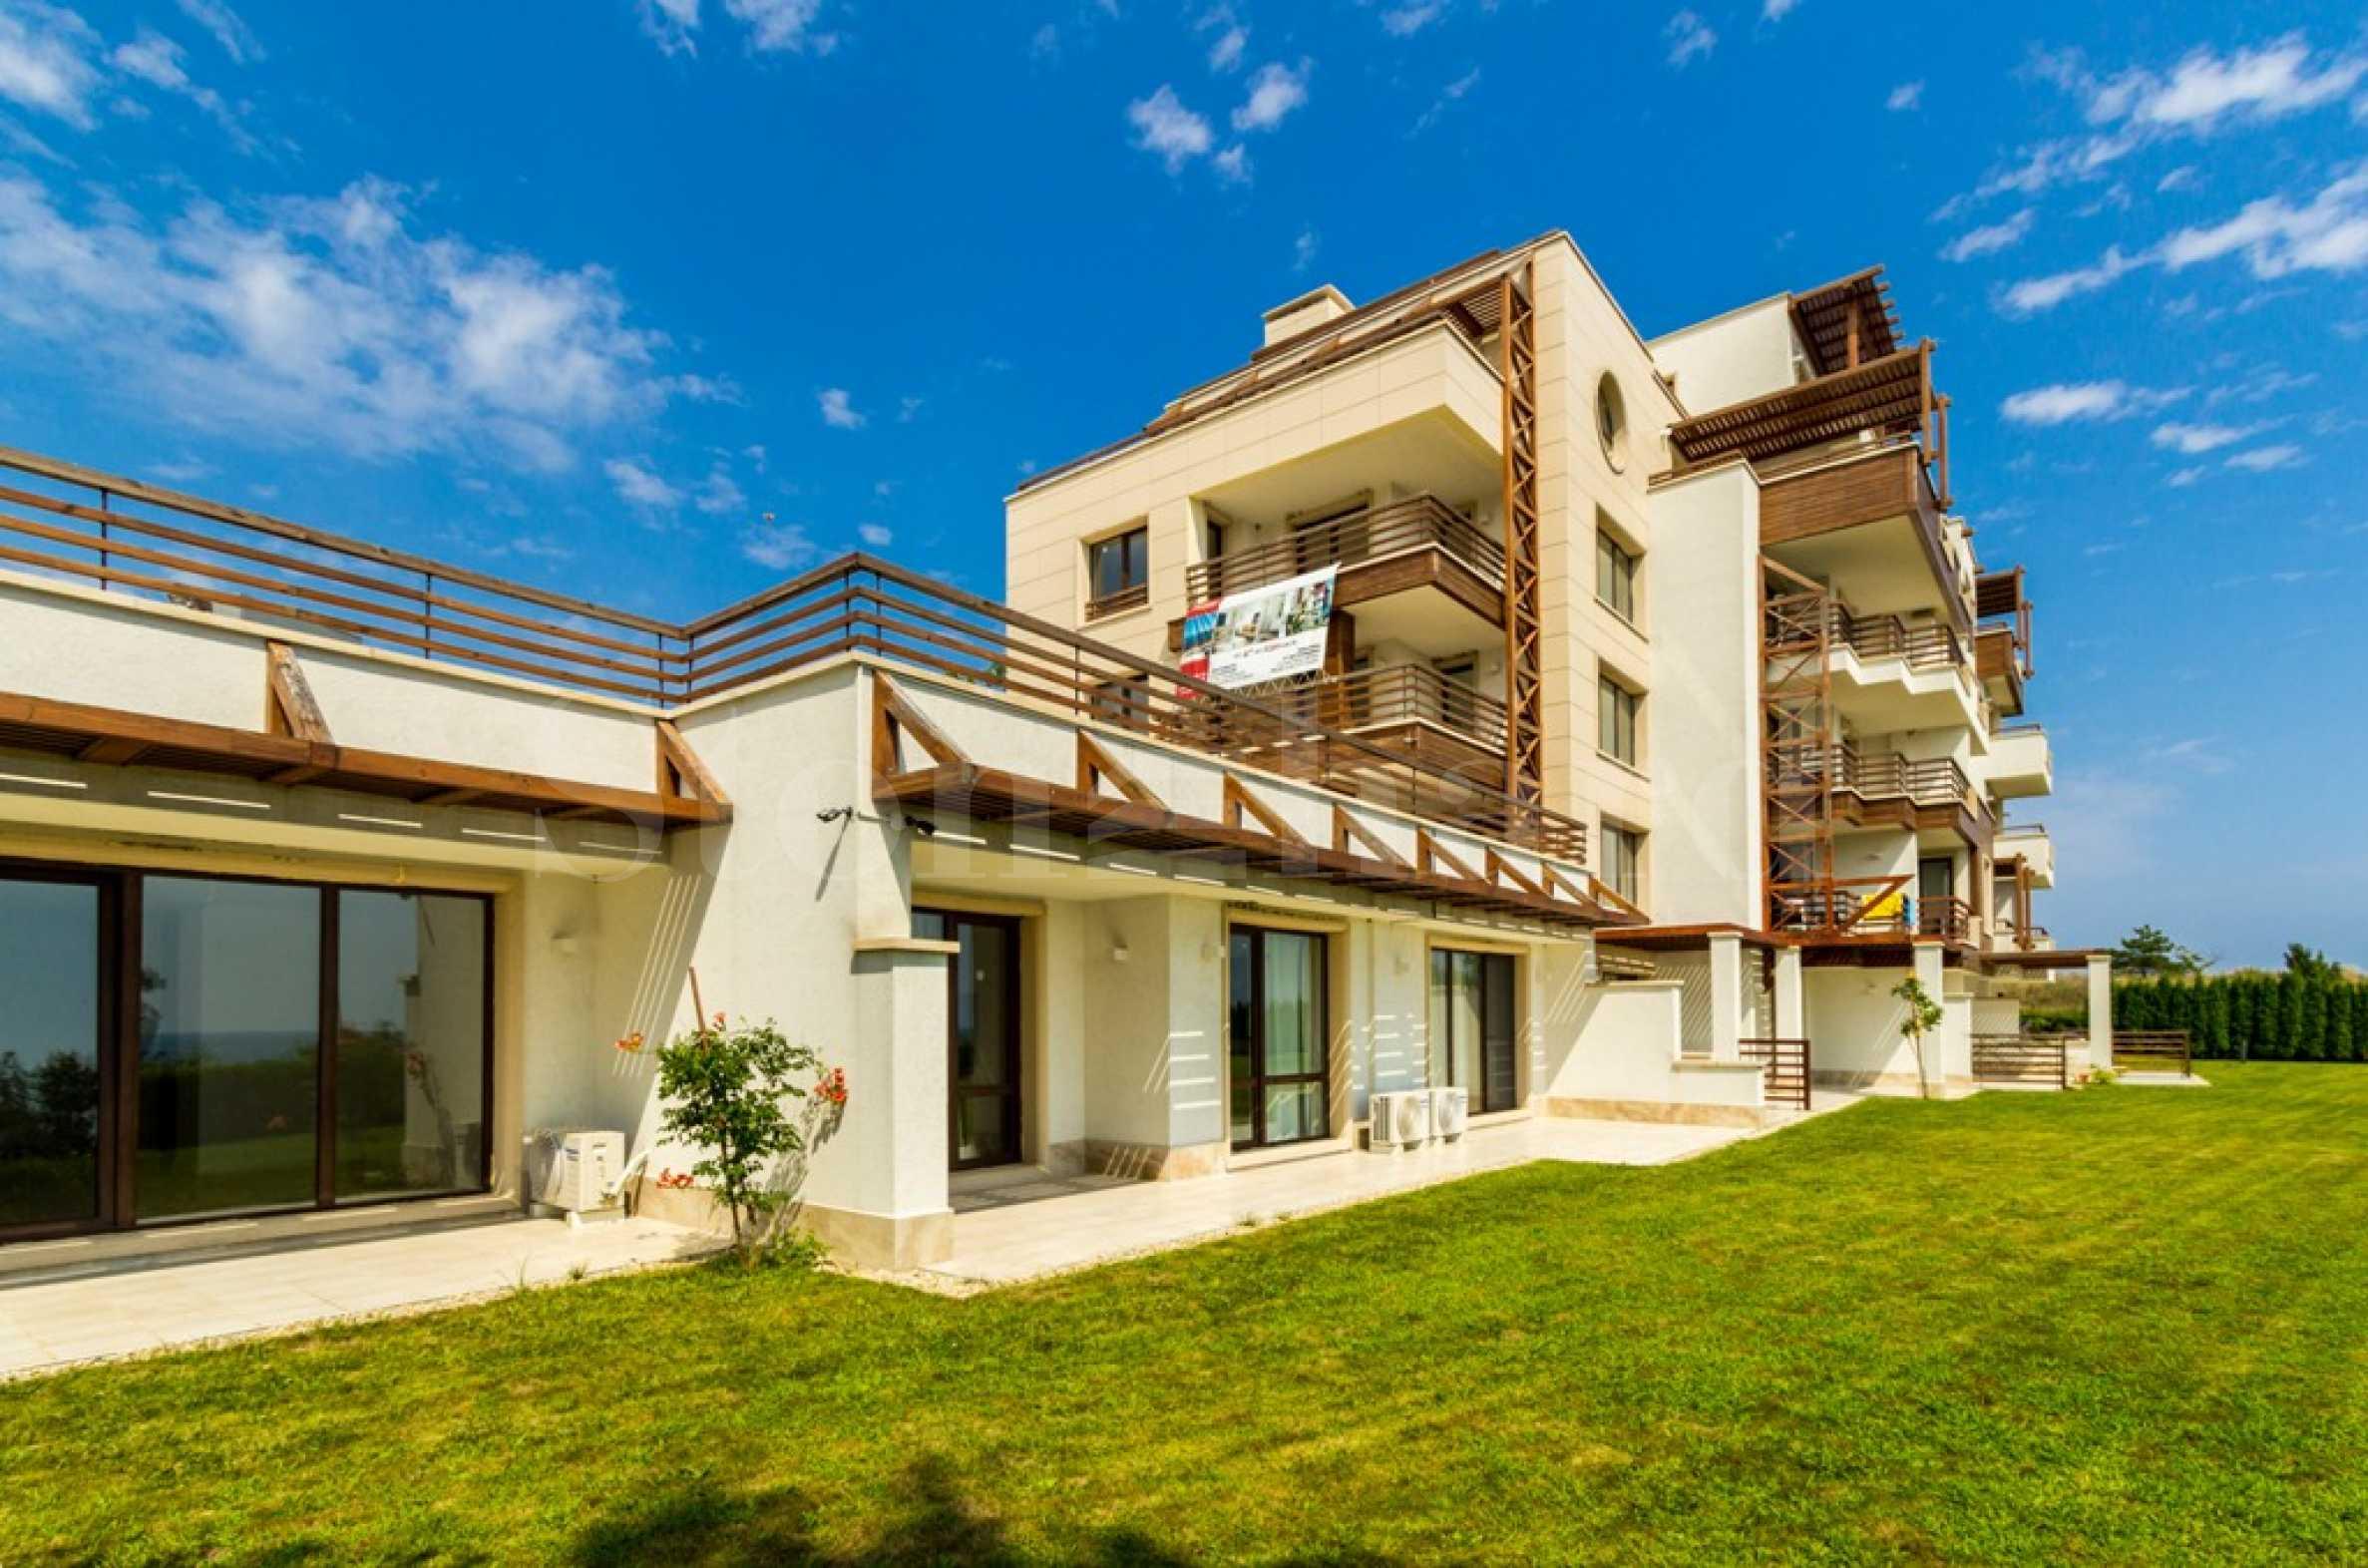 Бутикова сграда с луксозни апартаменти с гледки към морето на първа линия2 - Stonehard